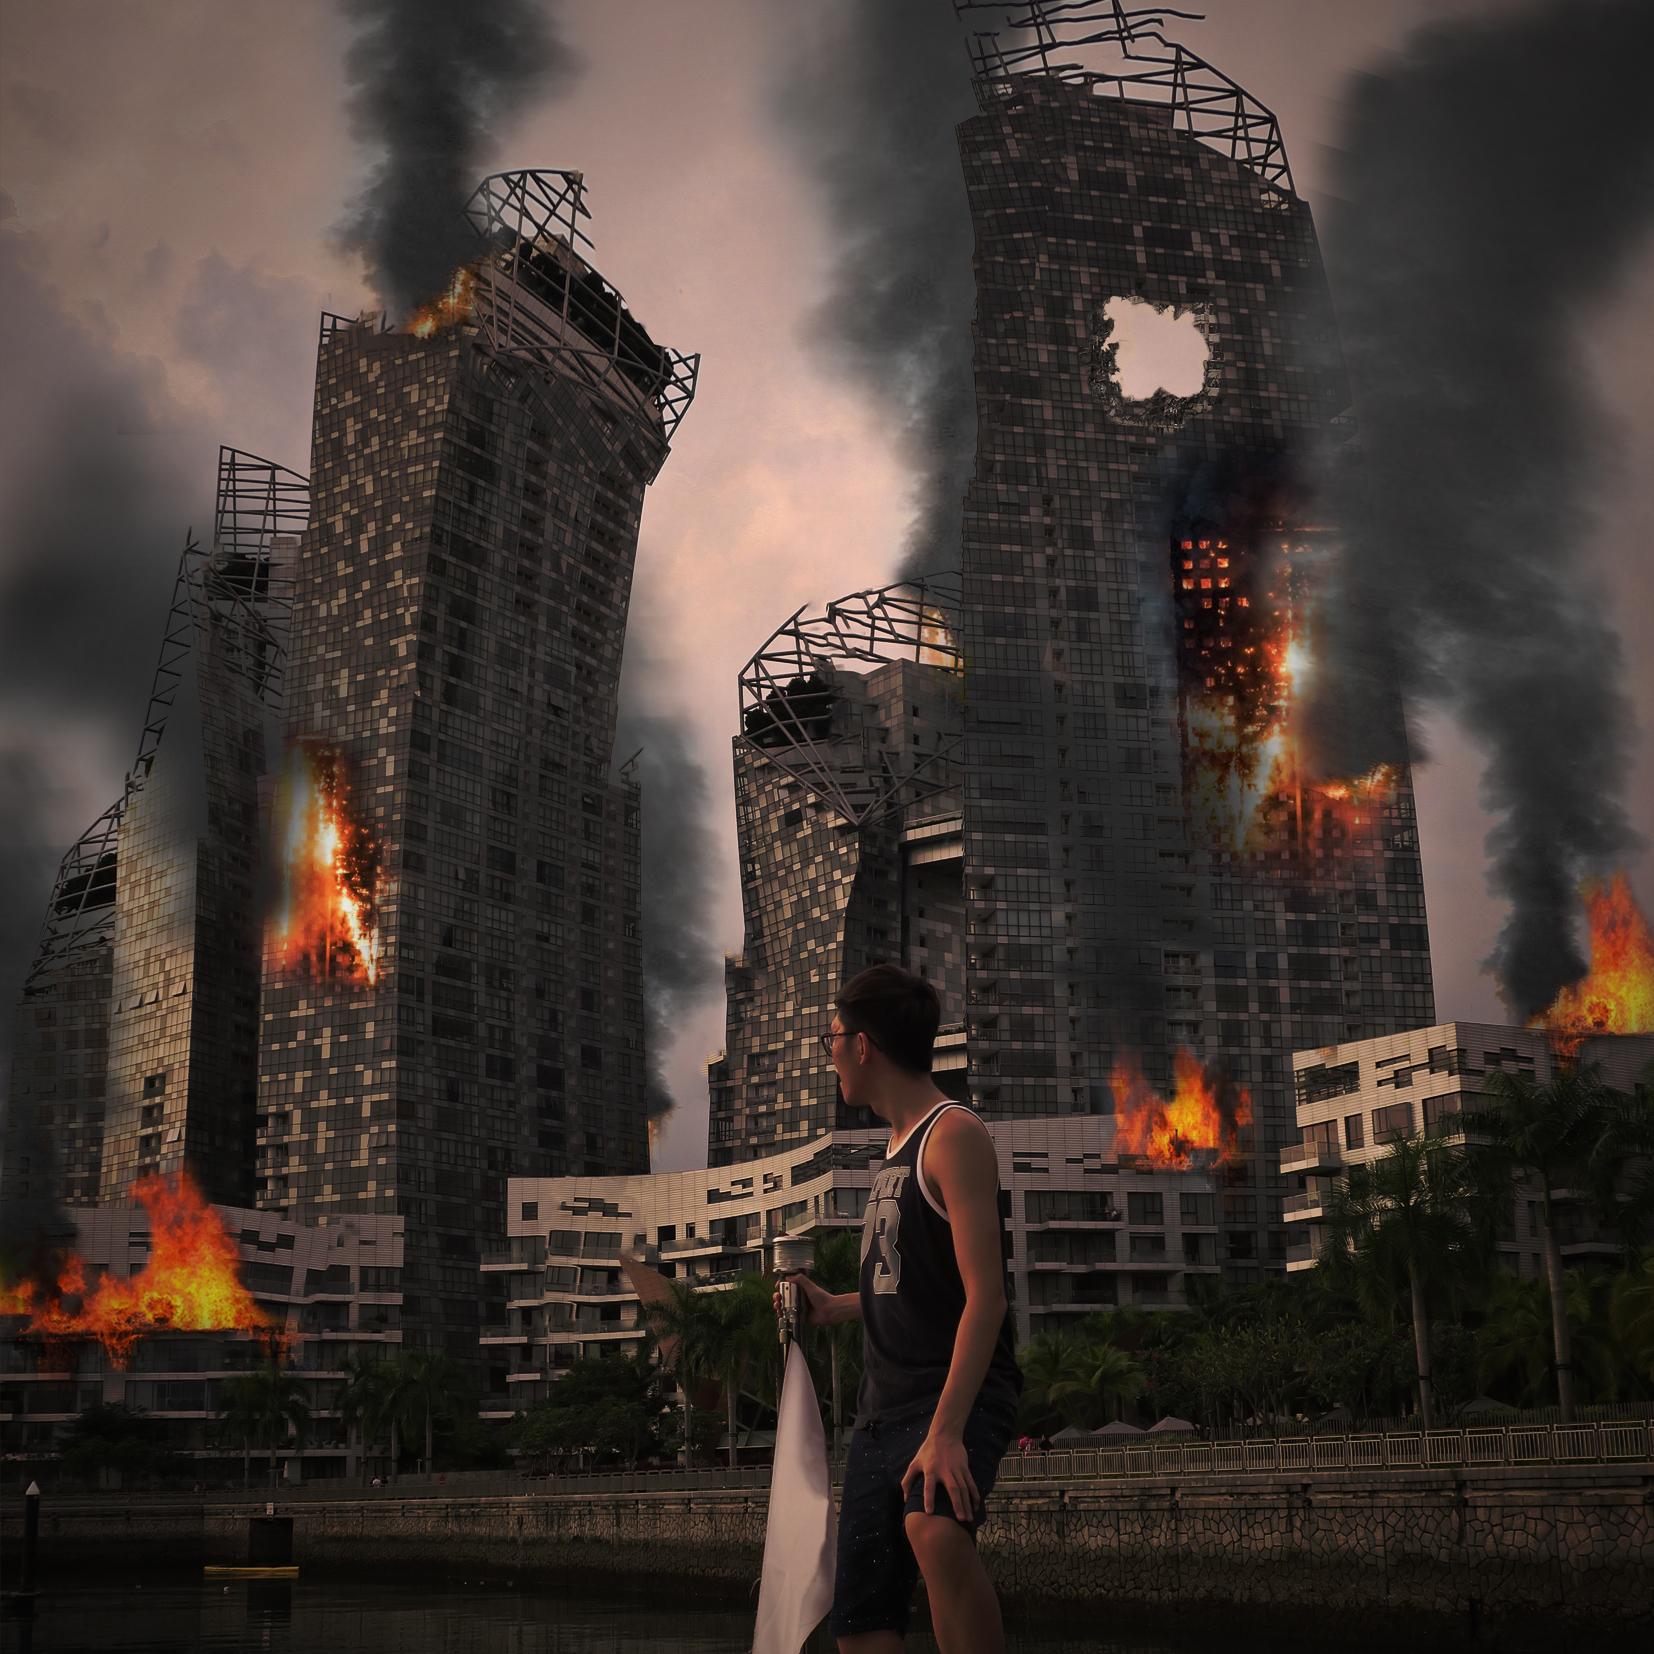 World In Flames Digital Art by Alvin Sim